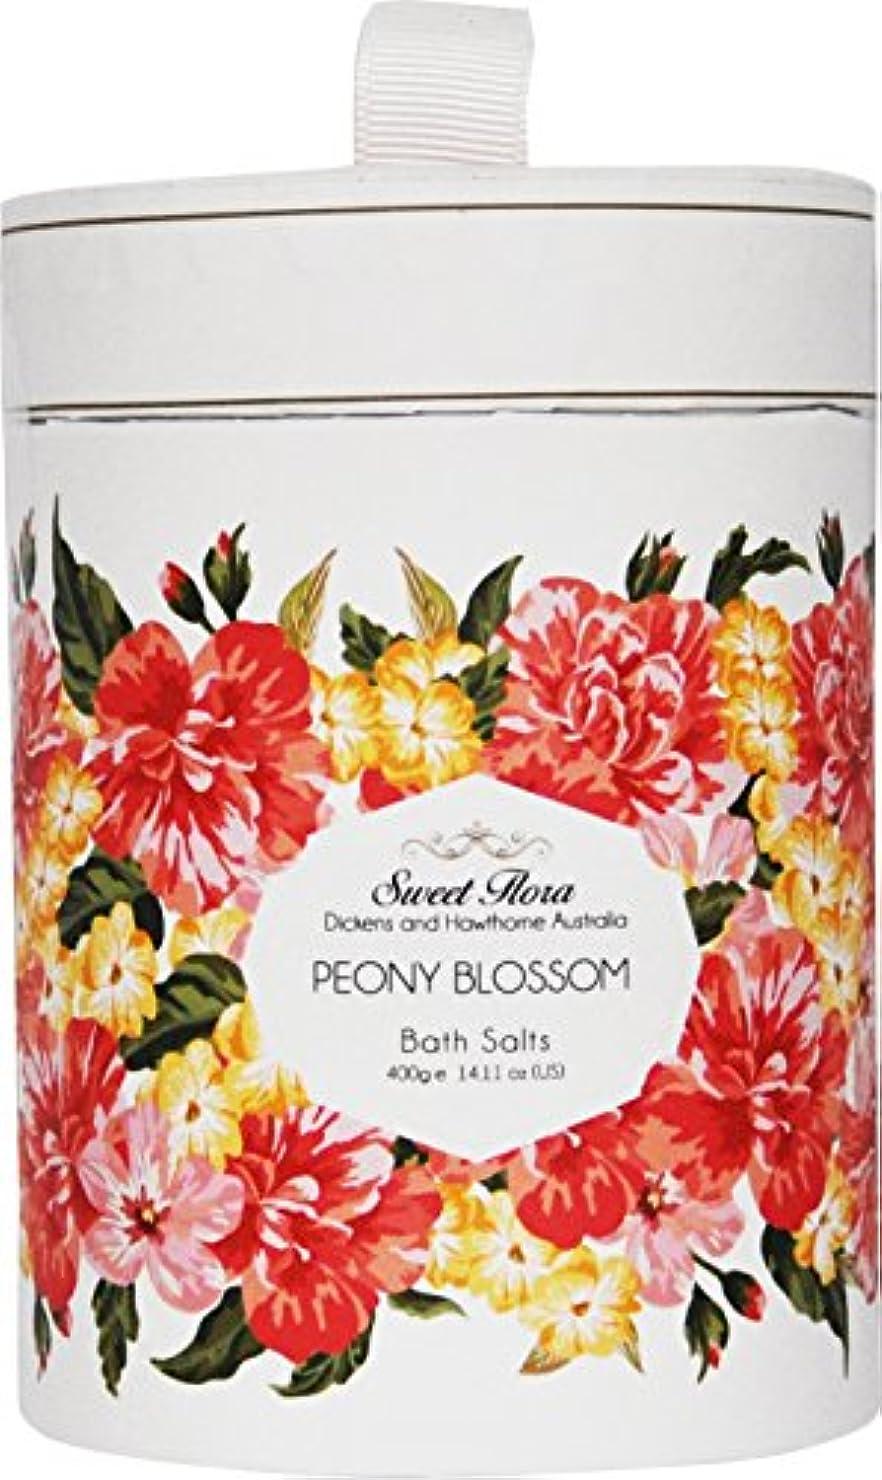 監督する法医学土器Sweet Flora スウィートフローラ Bath Salt バスソルト Peony Blossom ピオニーブロッサム